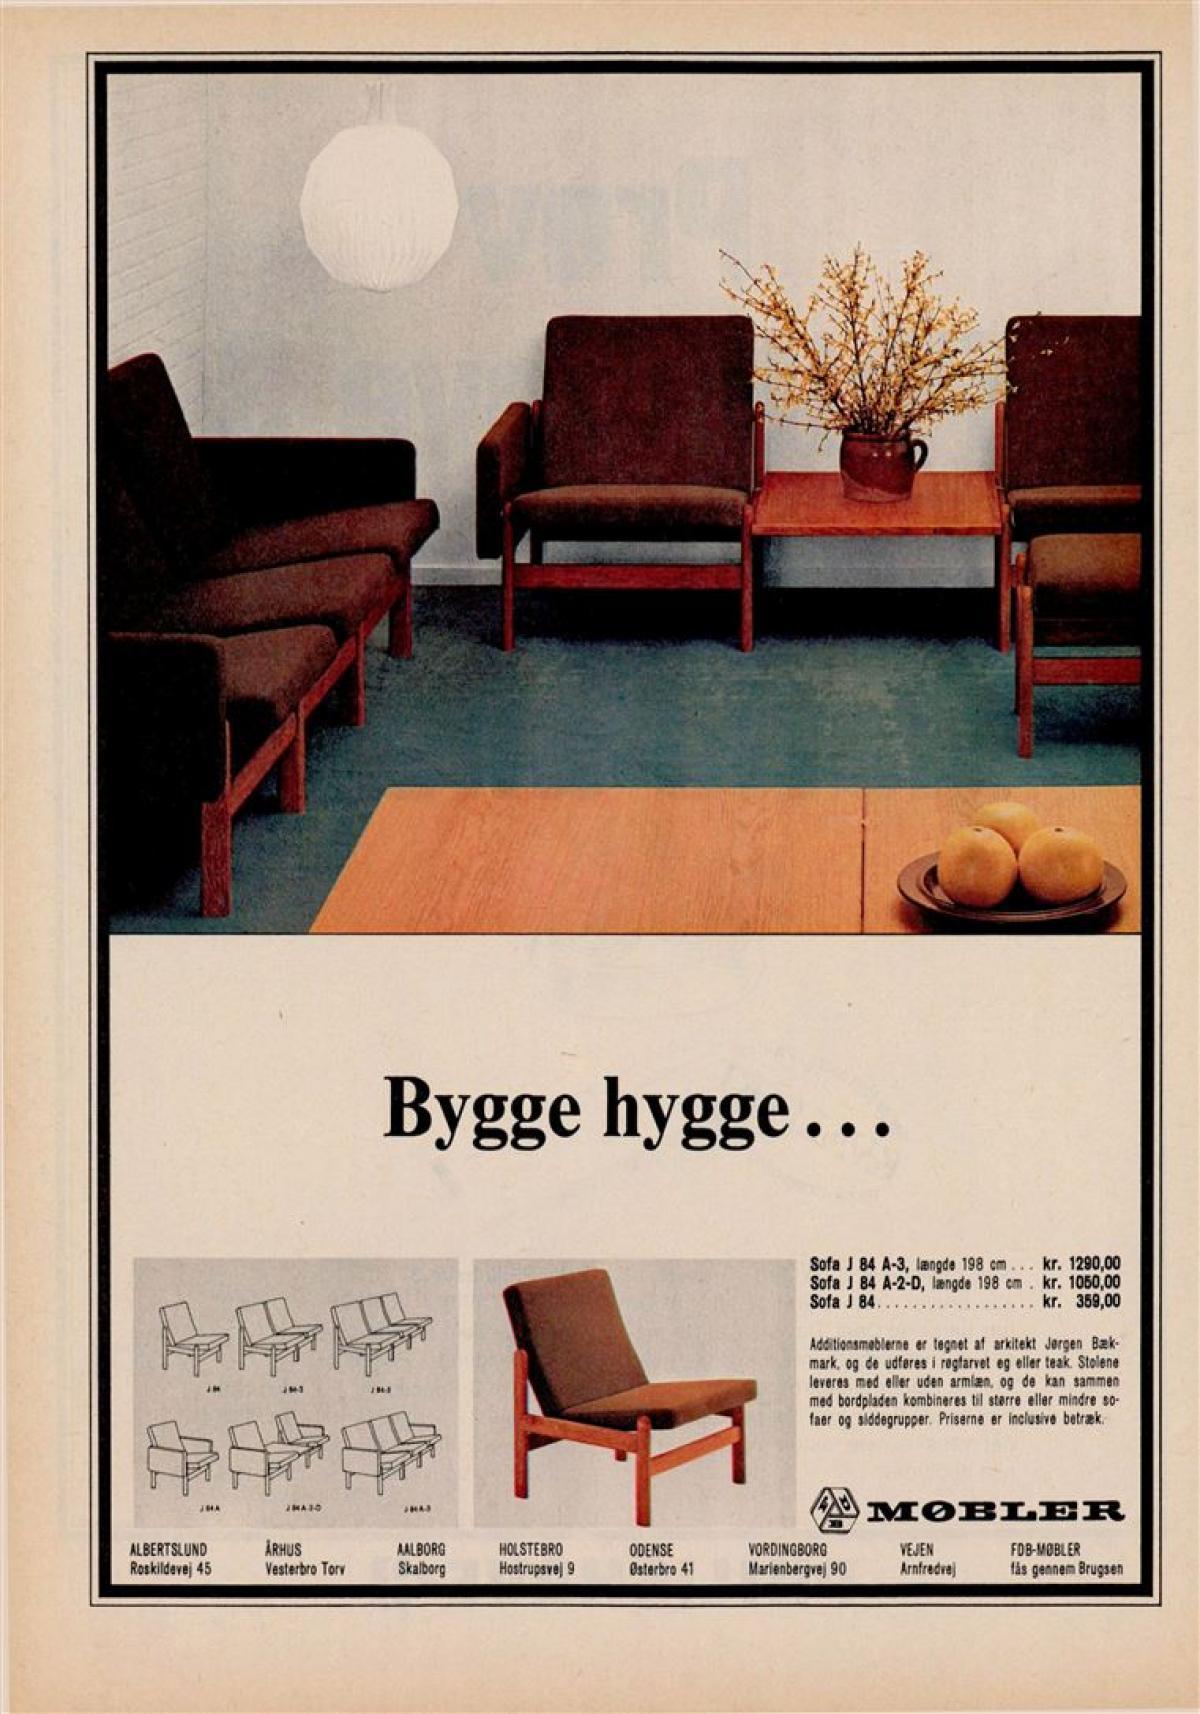 fdb møbler albertslund